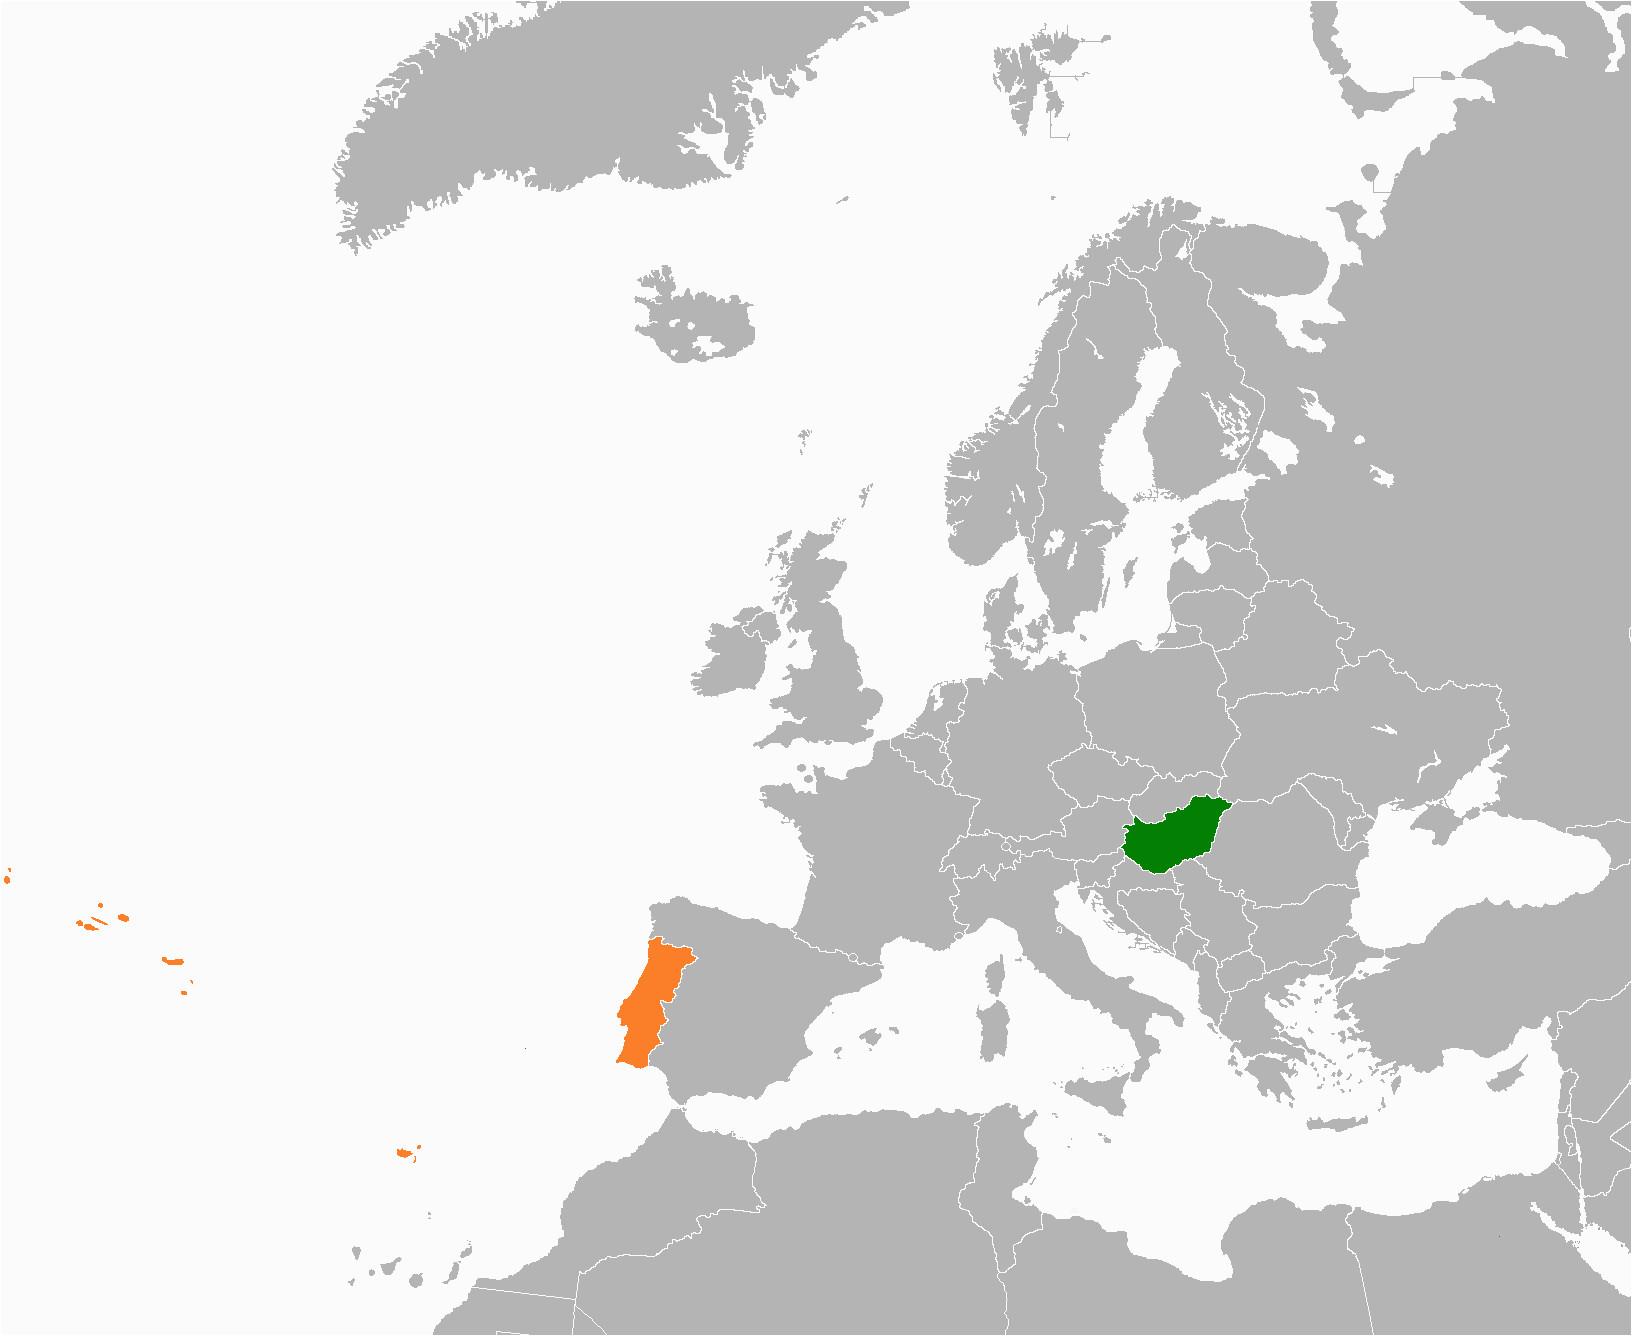 portugiesisch ungarische beziehungen wikipedia